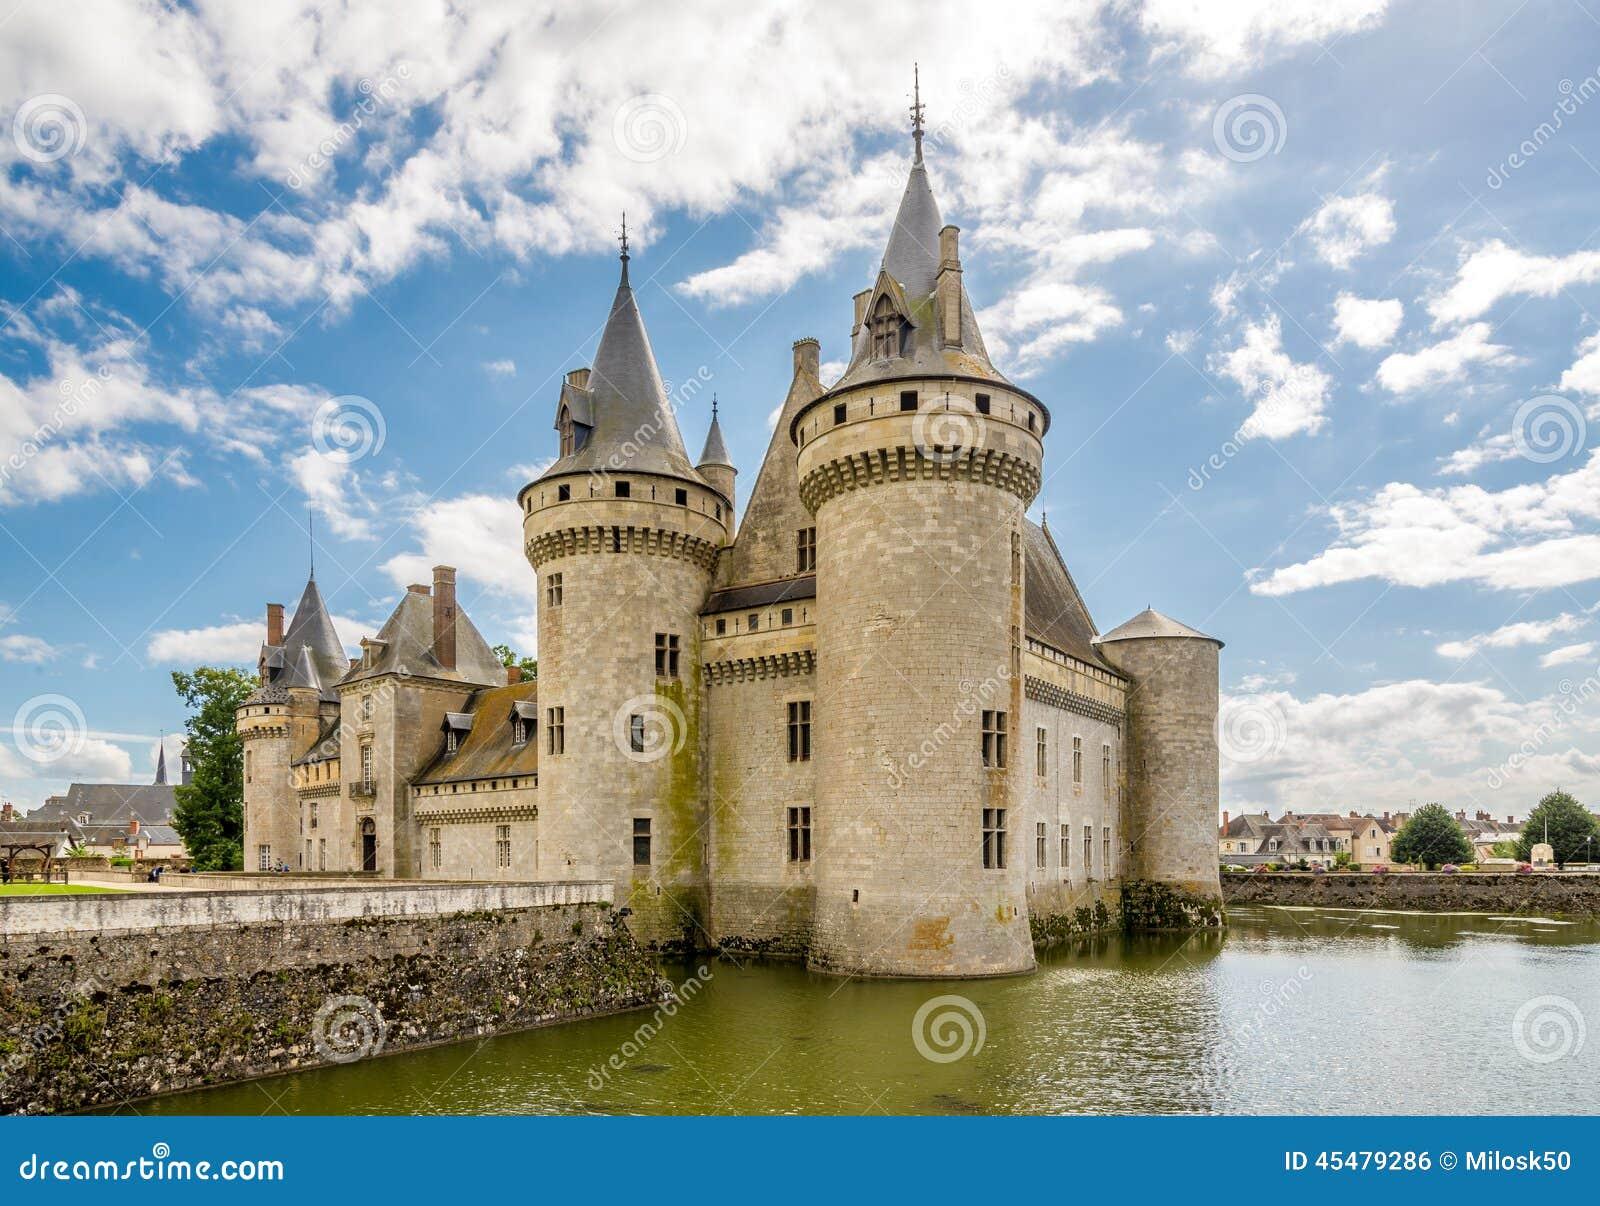 大别墅玷污sur卢瓦尔河